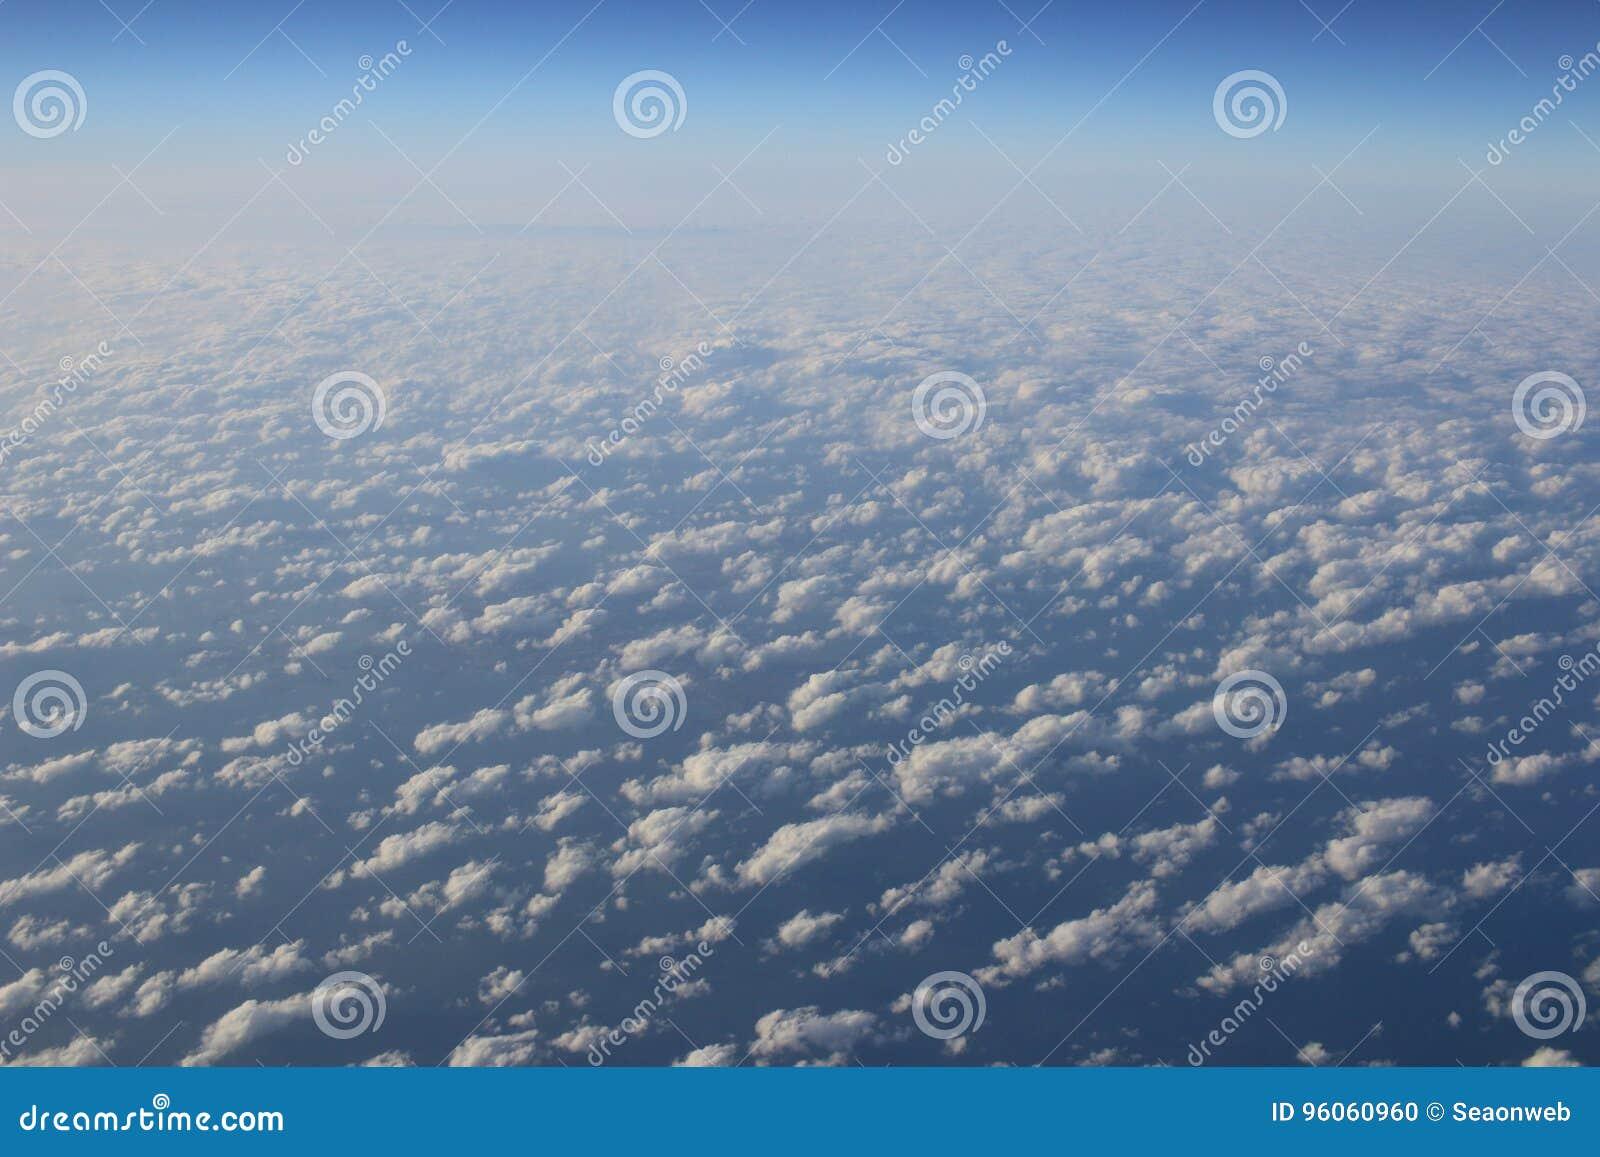 Le nuage bleu a été pris sur un avion pour le fond